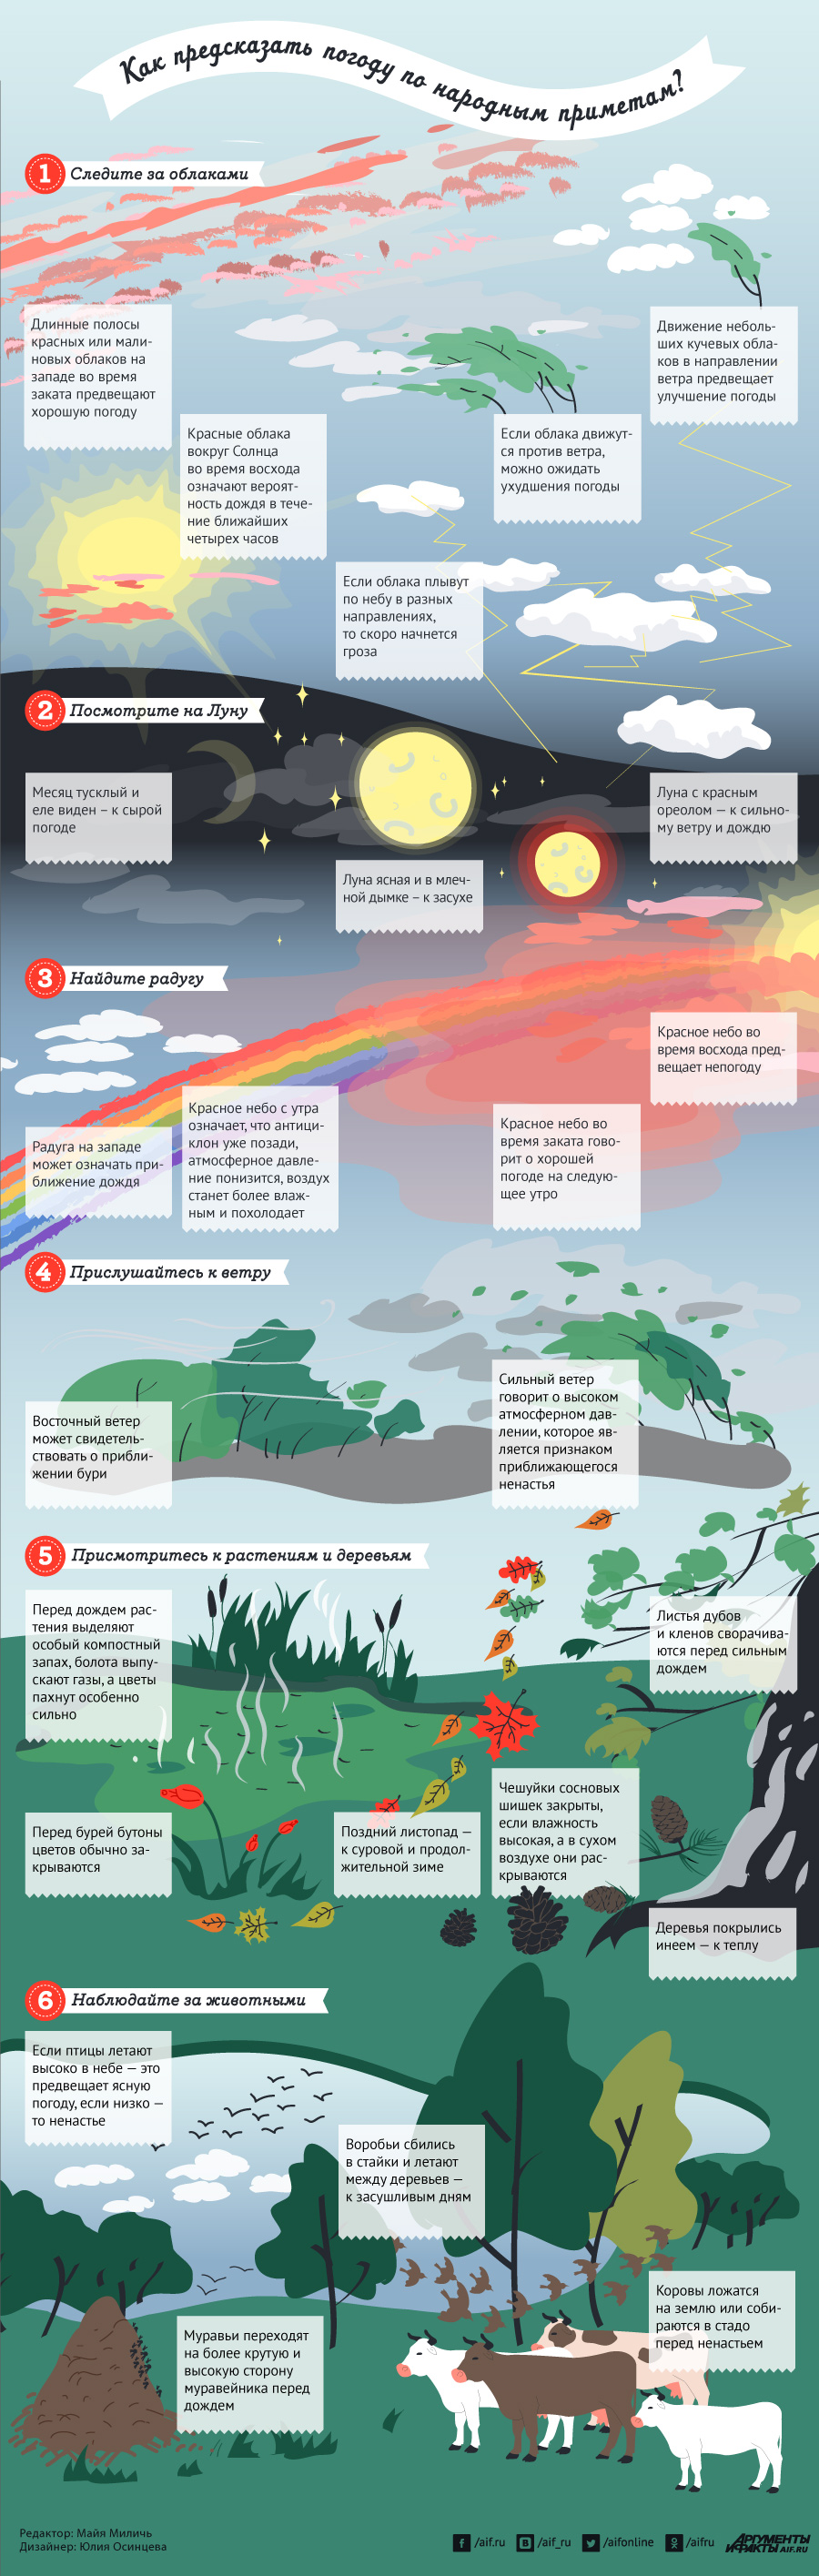 Инфографика - предсказание погоды по народным приметам